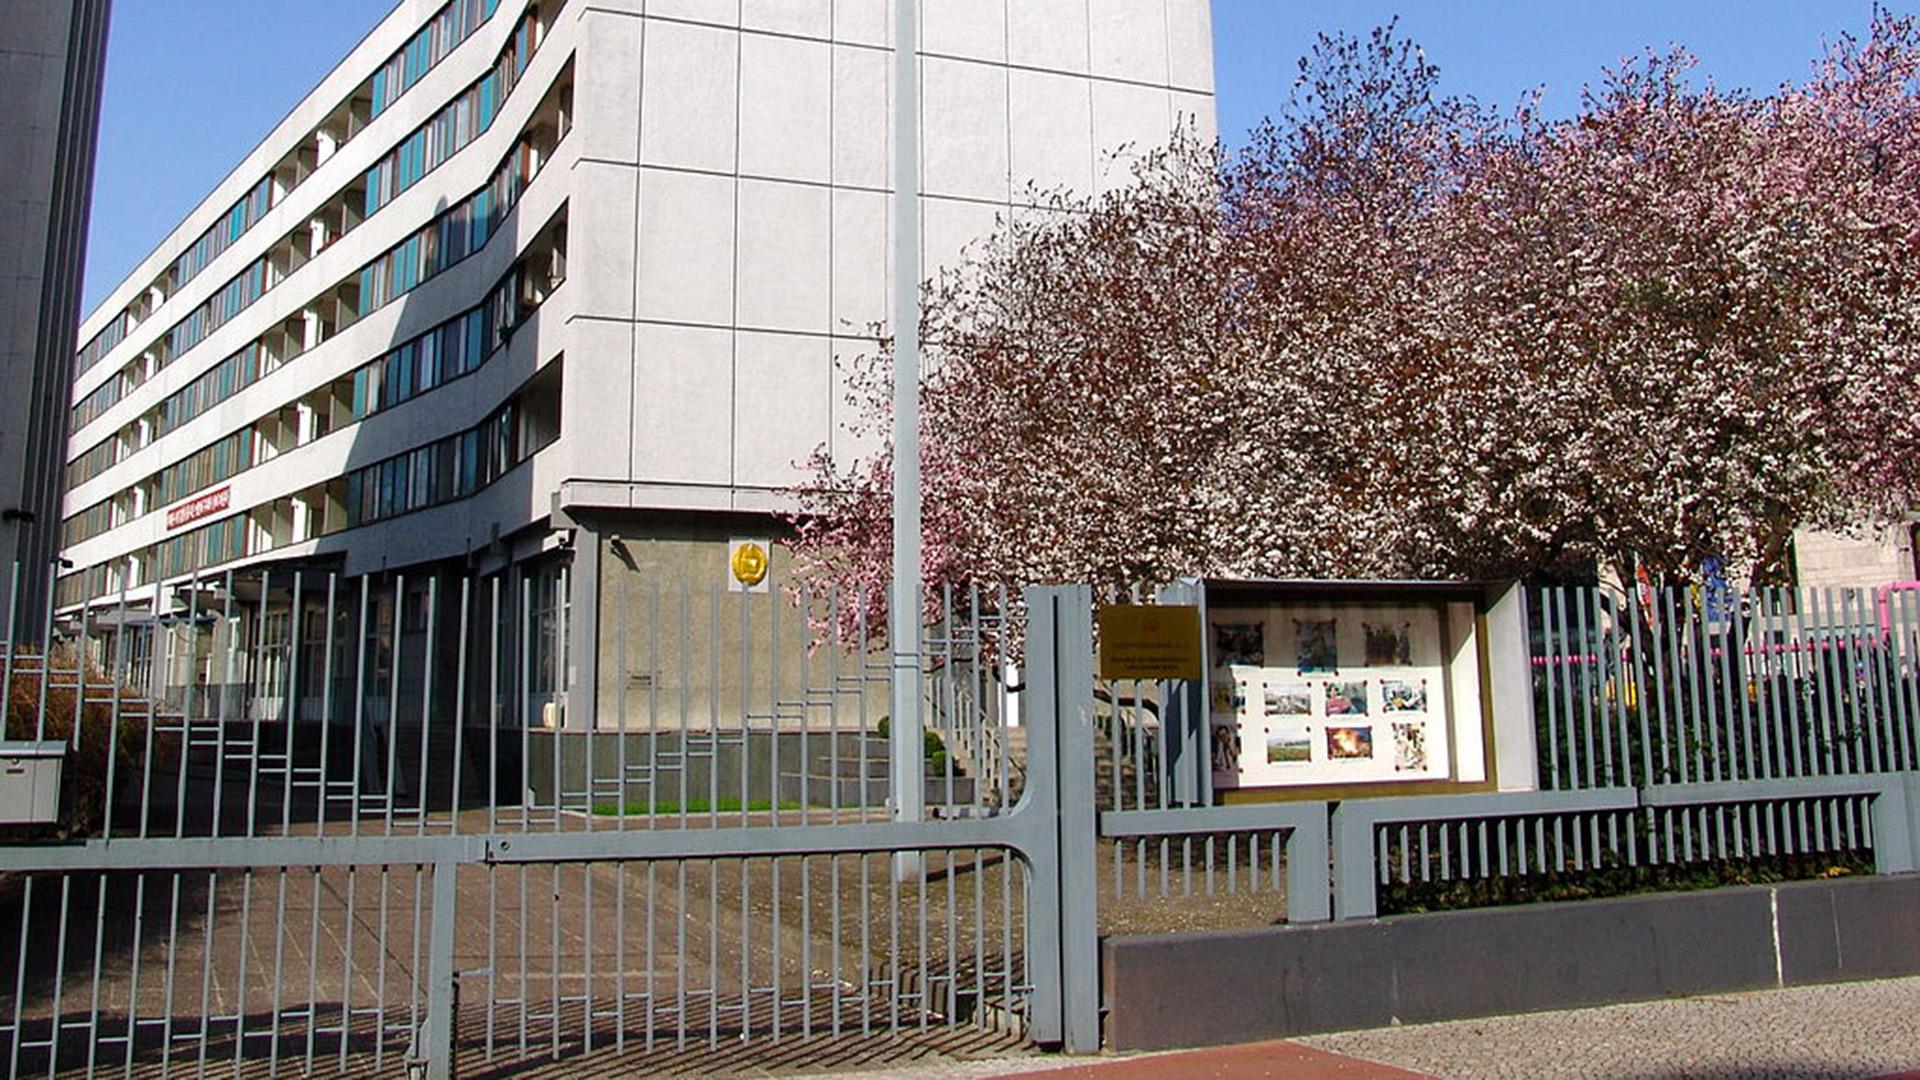 La embajada de Corea del Norte en Berlín (Wikipedia)